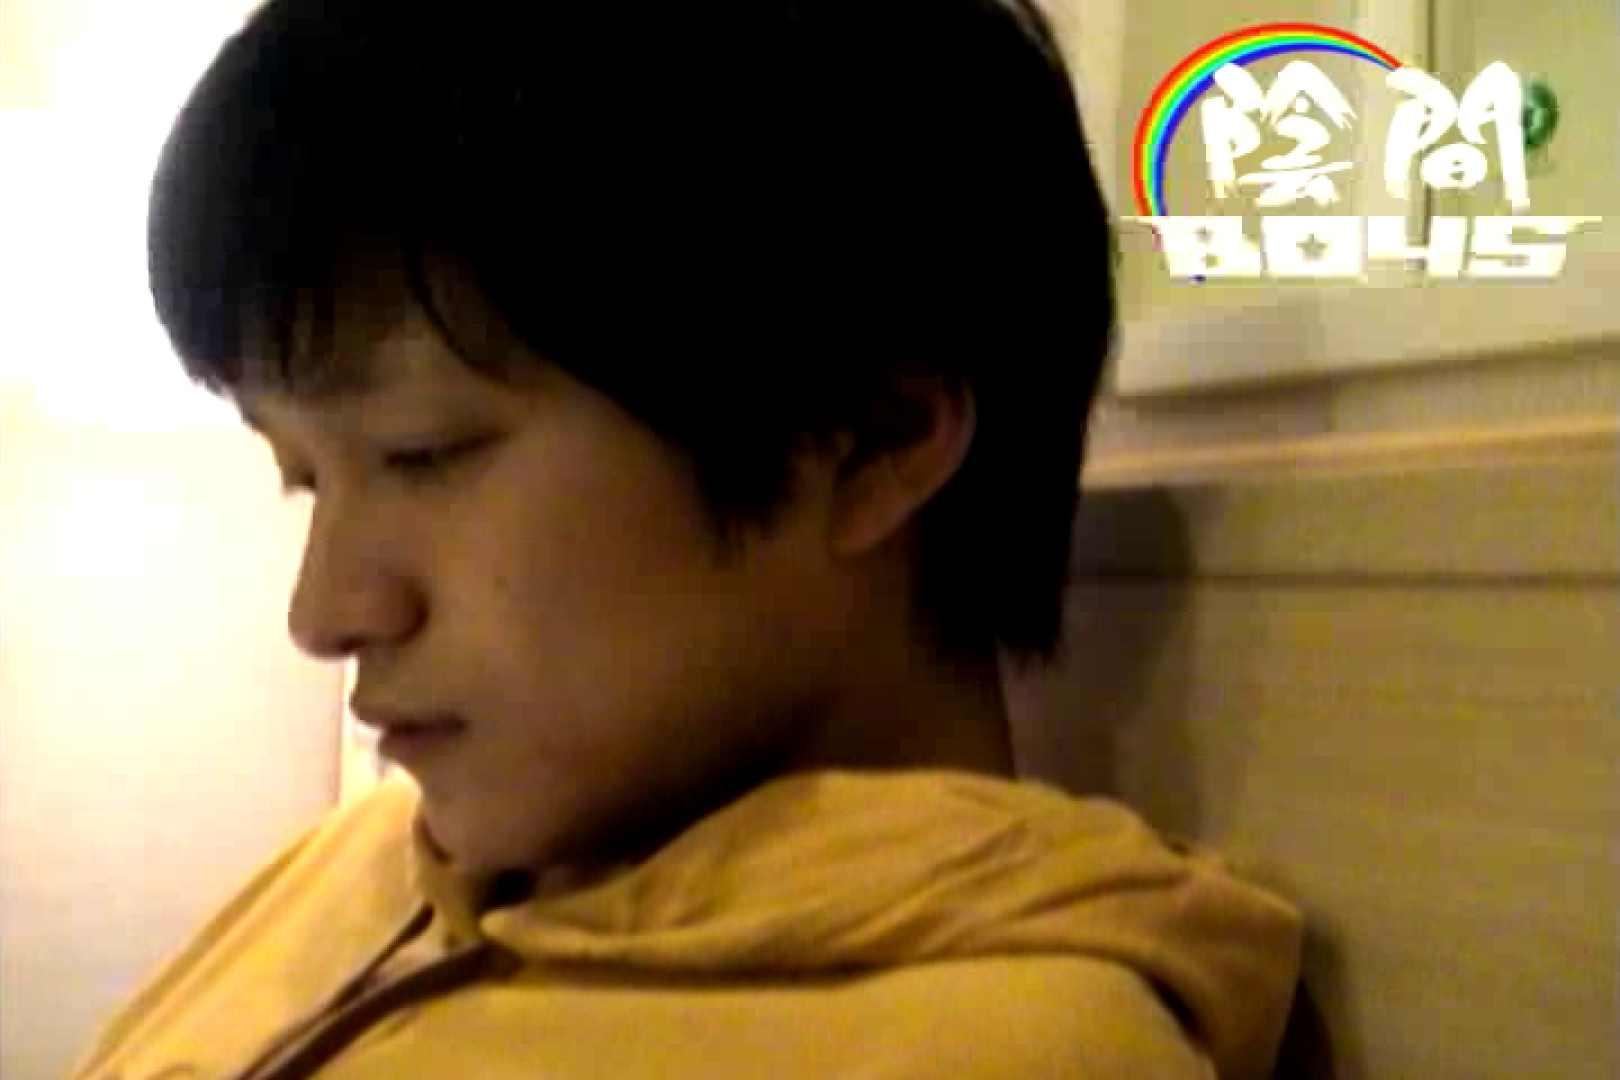 陰間BOYS~My holiday~01 入浴・シャワー丸見え ゲイAV画像 108pic 84